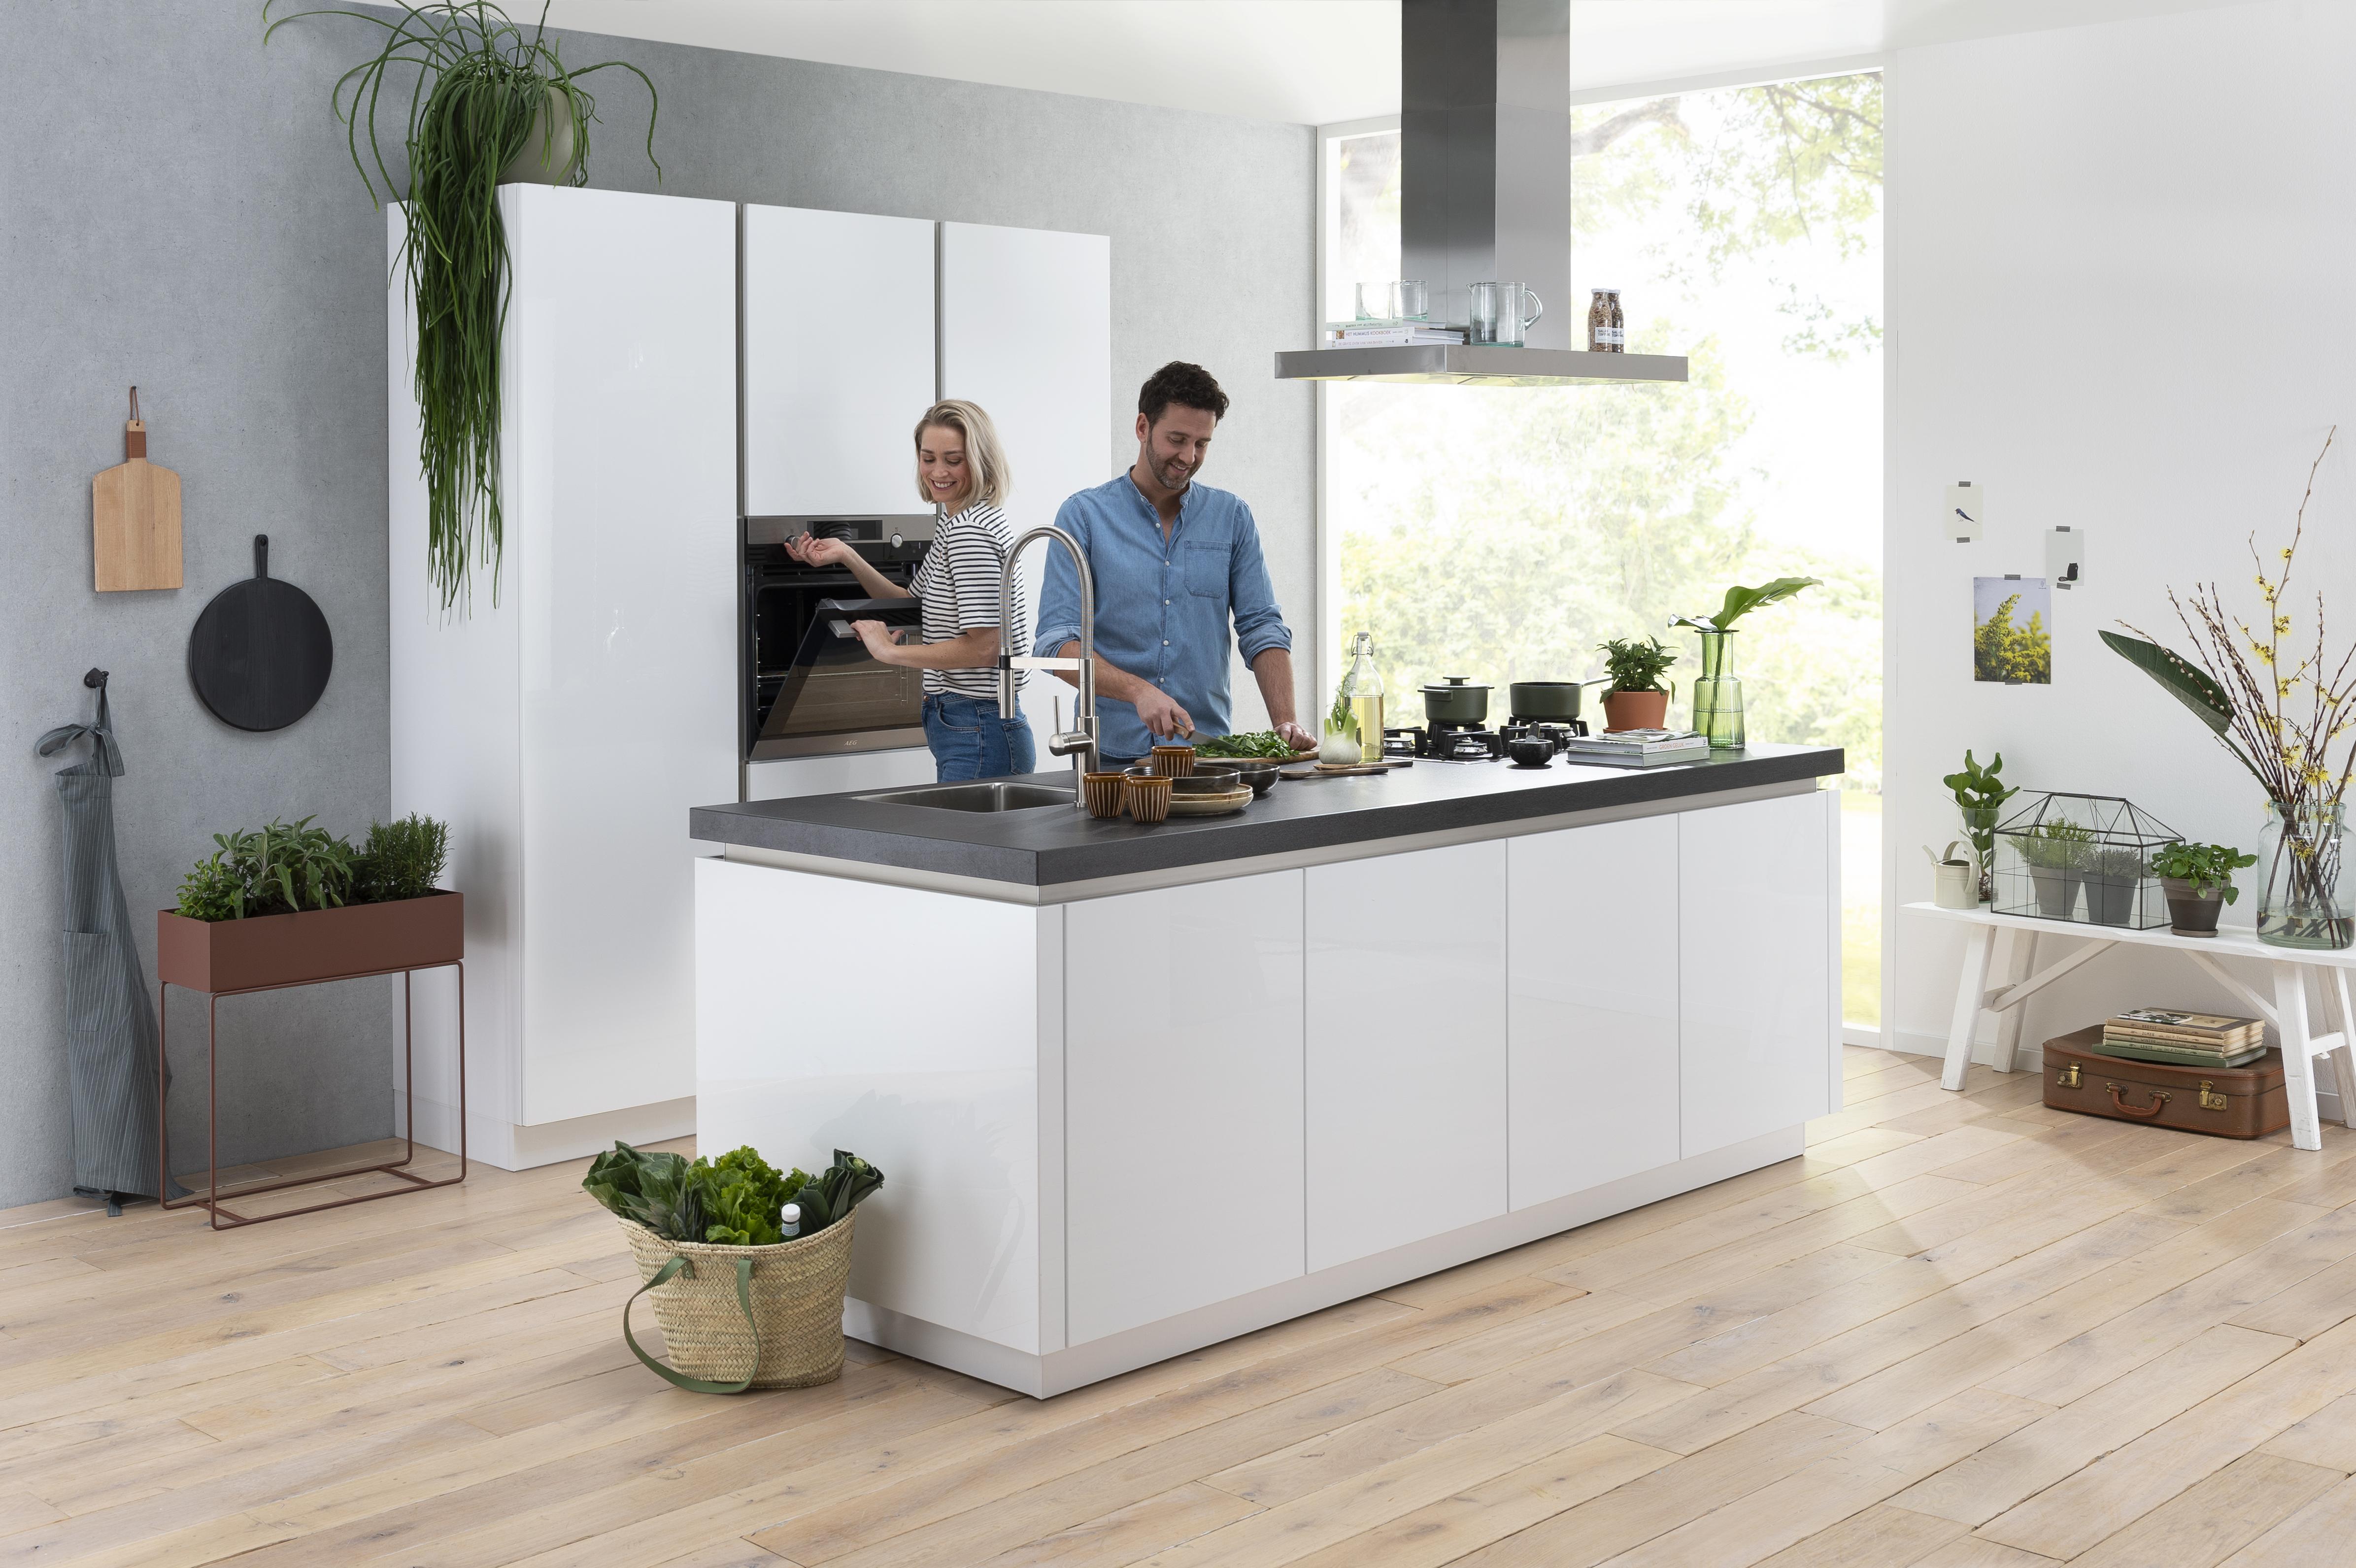 Sorrento Plus hoogglans keuken met kookeiland